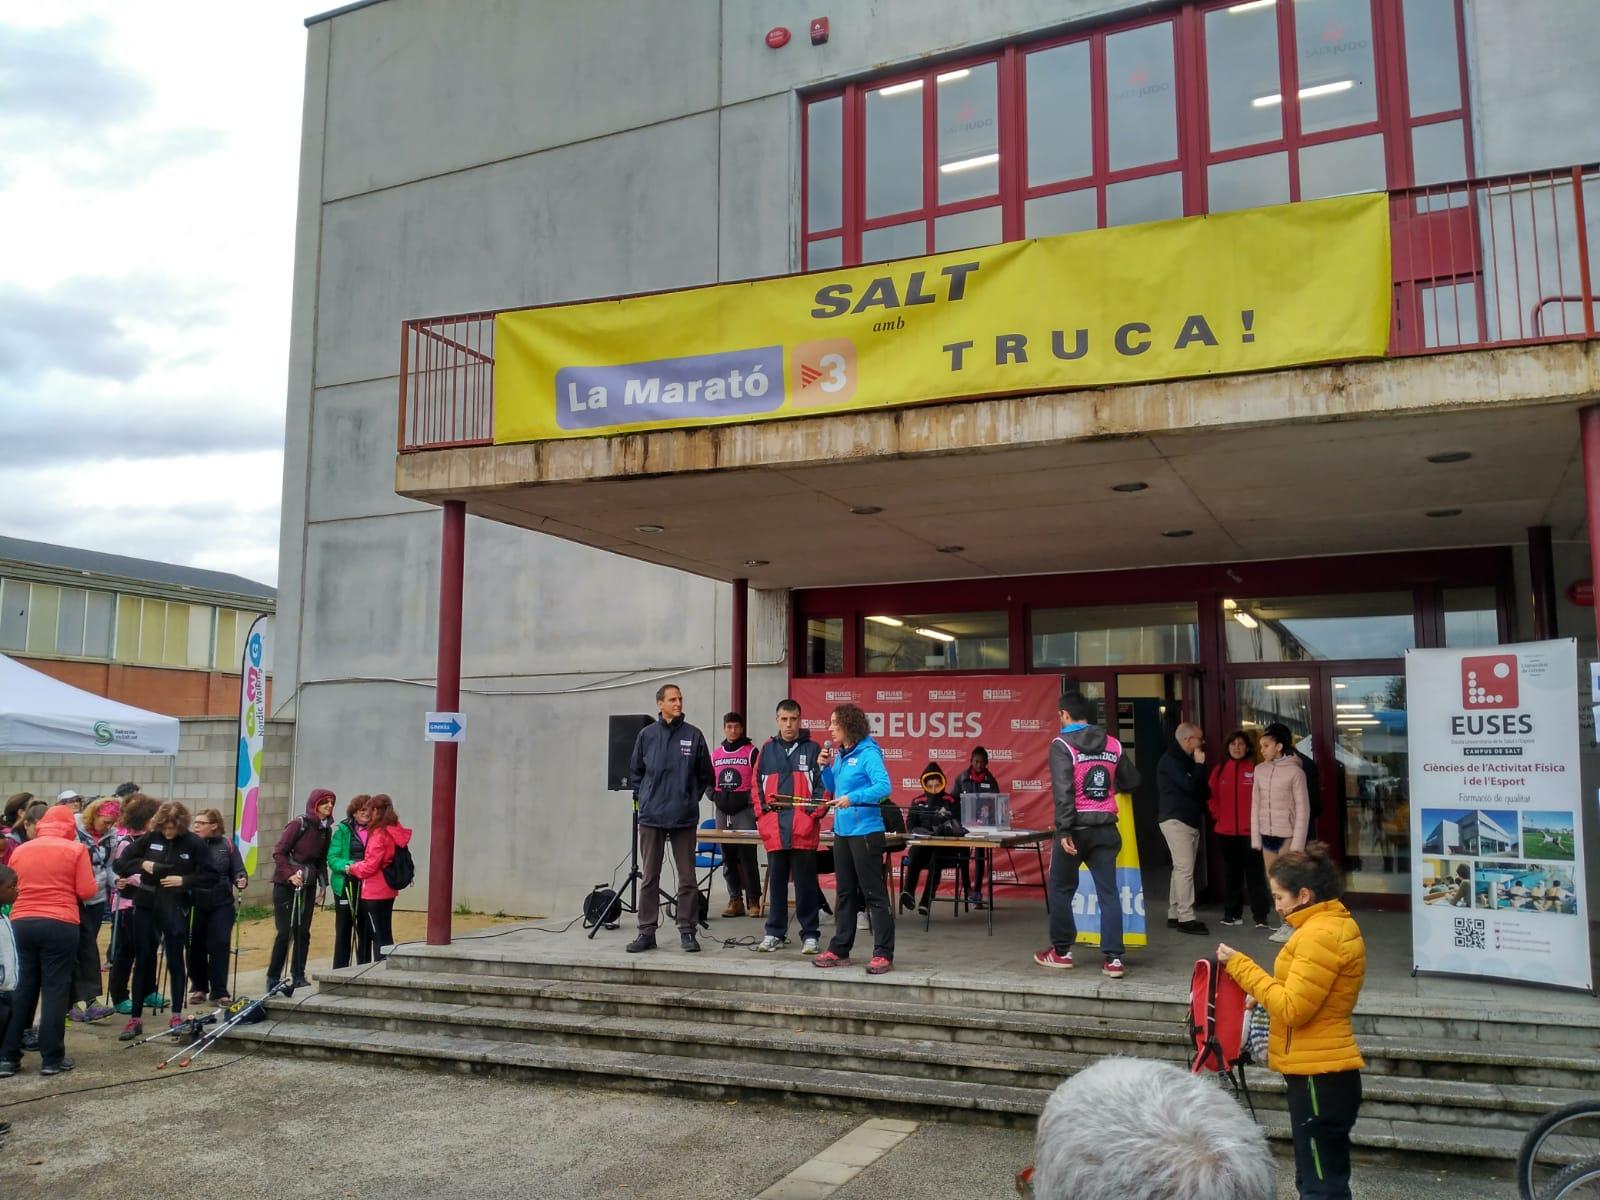 EUSES, l'Ajuntament de Salt i la Generalitat organitzen conjuntament, per quart any seguit, la Marató de TV3 de Salt